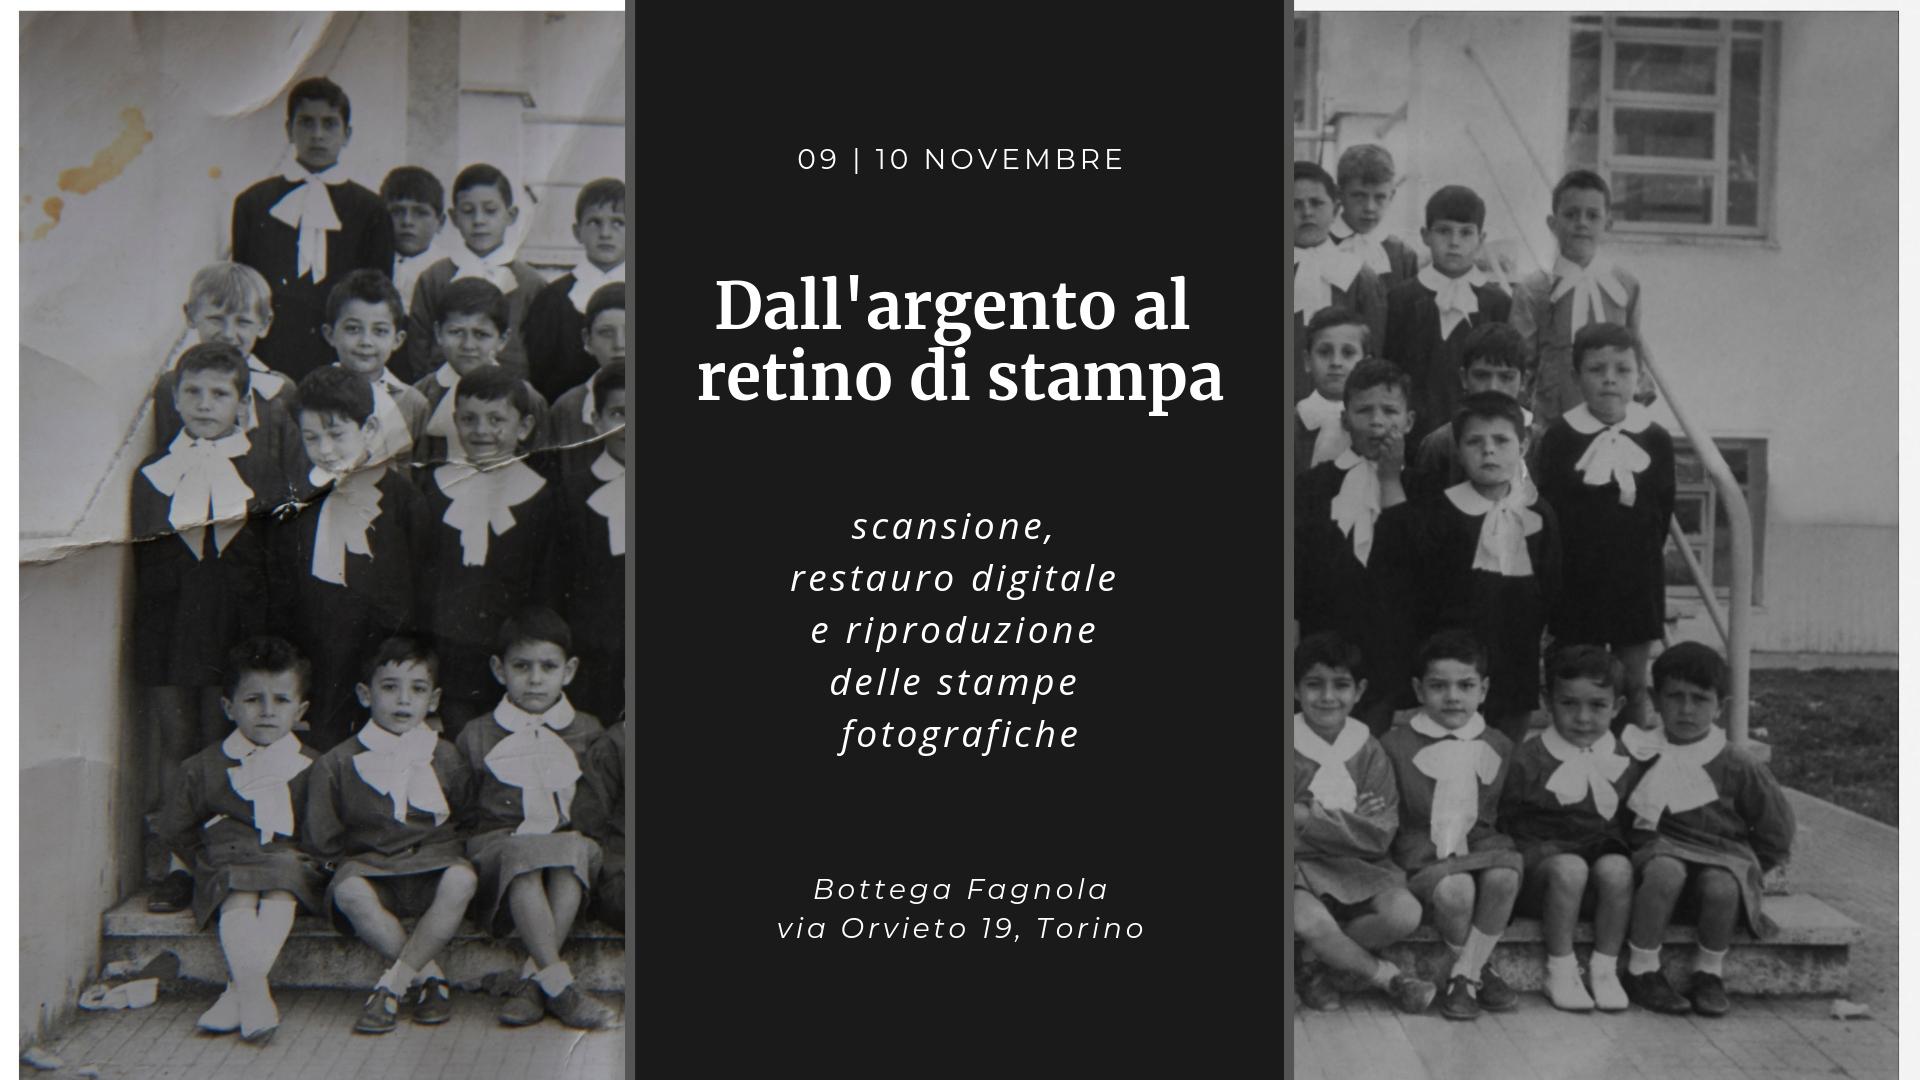 Dall'argento al retino di stampa - workshop restauro digitale foto - Bottega Fagnola, Torino